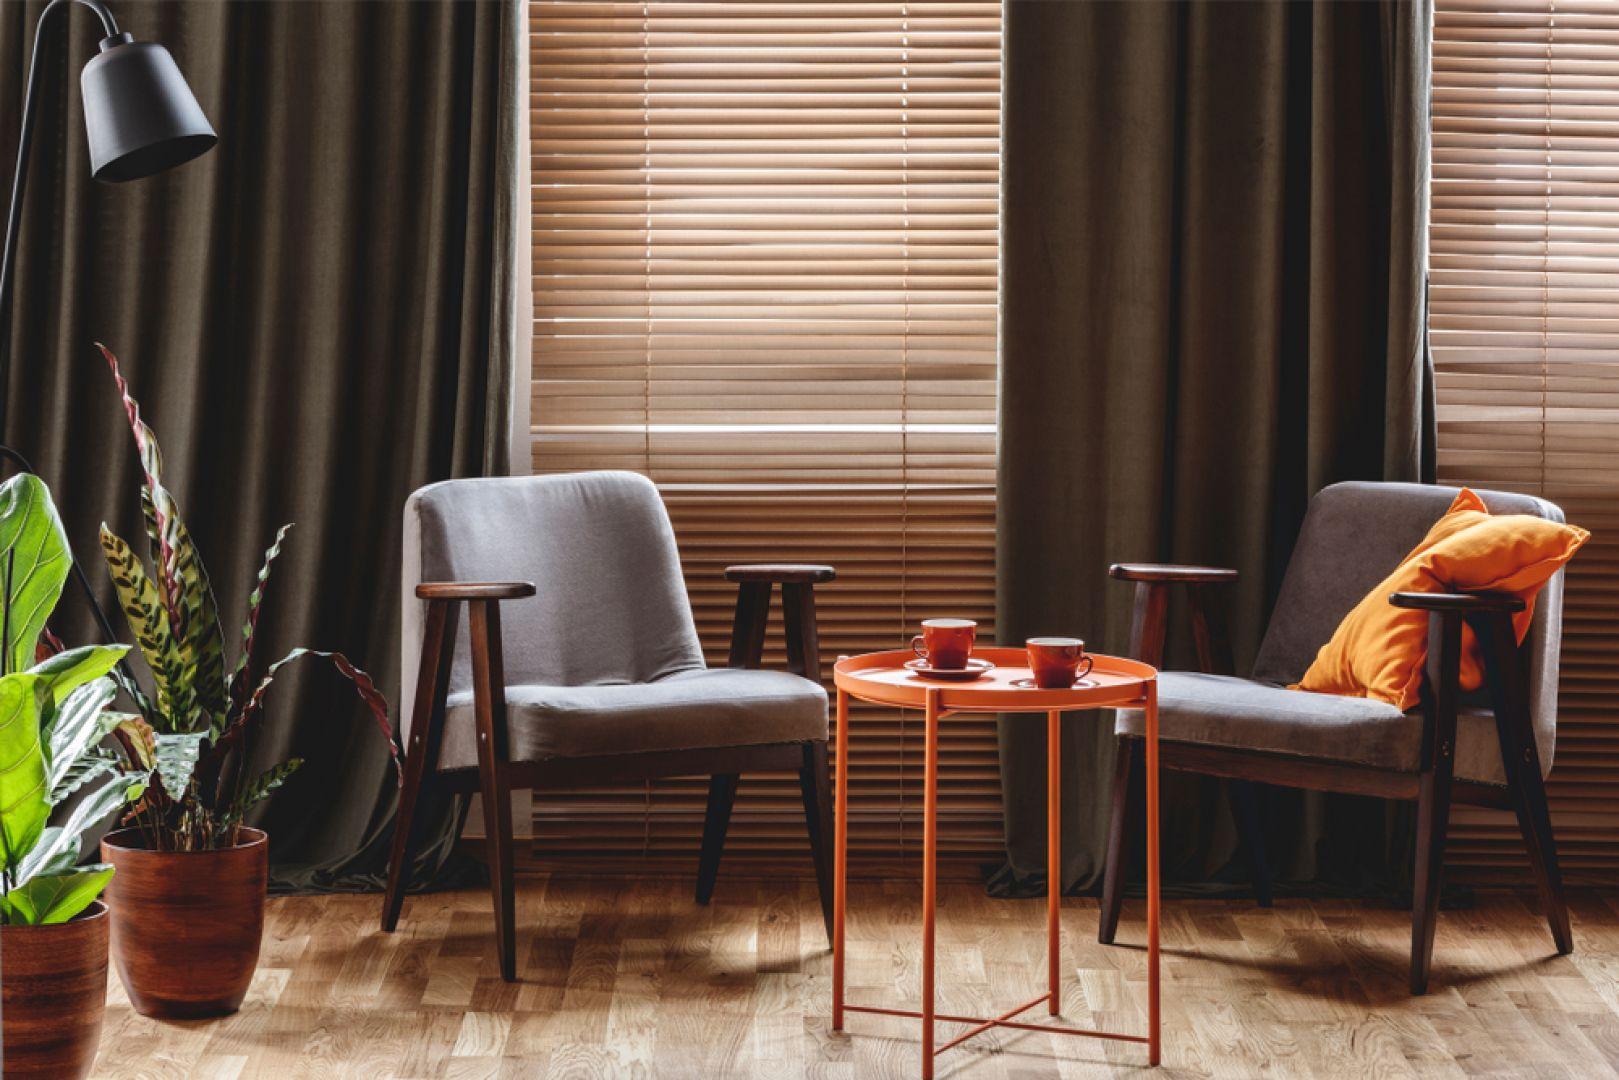 Farba termointeligentna działa jak termos i dba o komfort powietrza w mieszkaniu oraz domu. Fot. CIQ